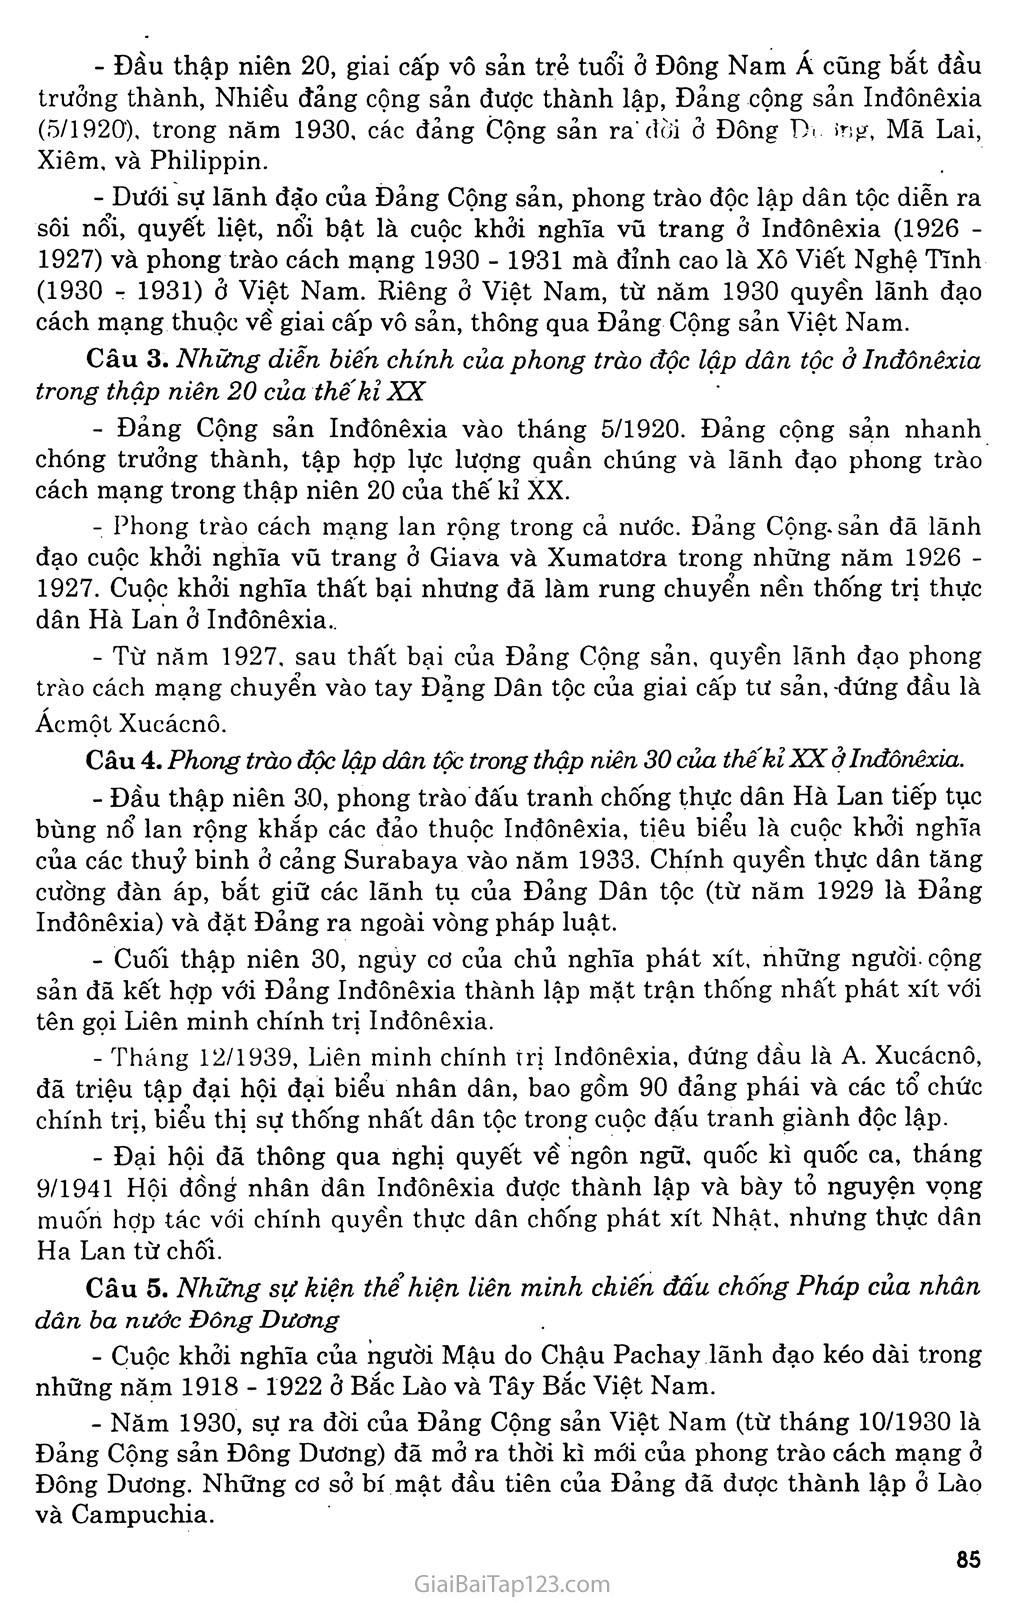 Bài 16: Các nước Đông Nam Á giữa hai cuộc chiến tranh thế giới (1918 - 1939) trang 6